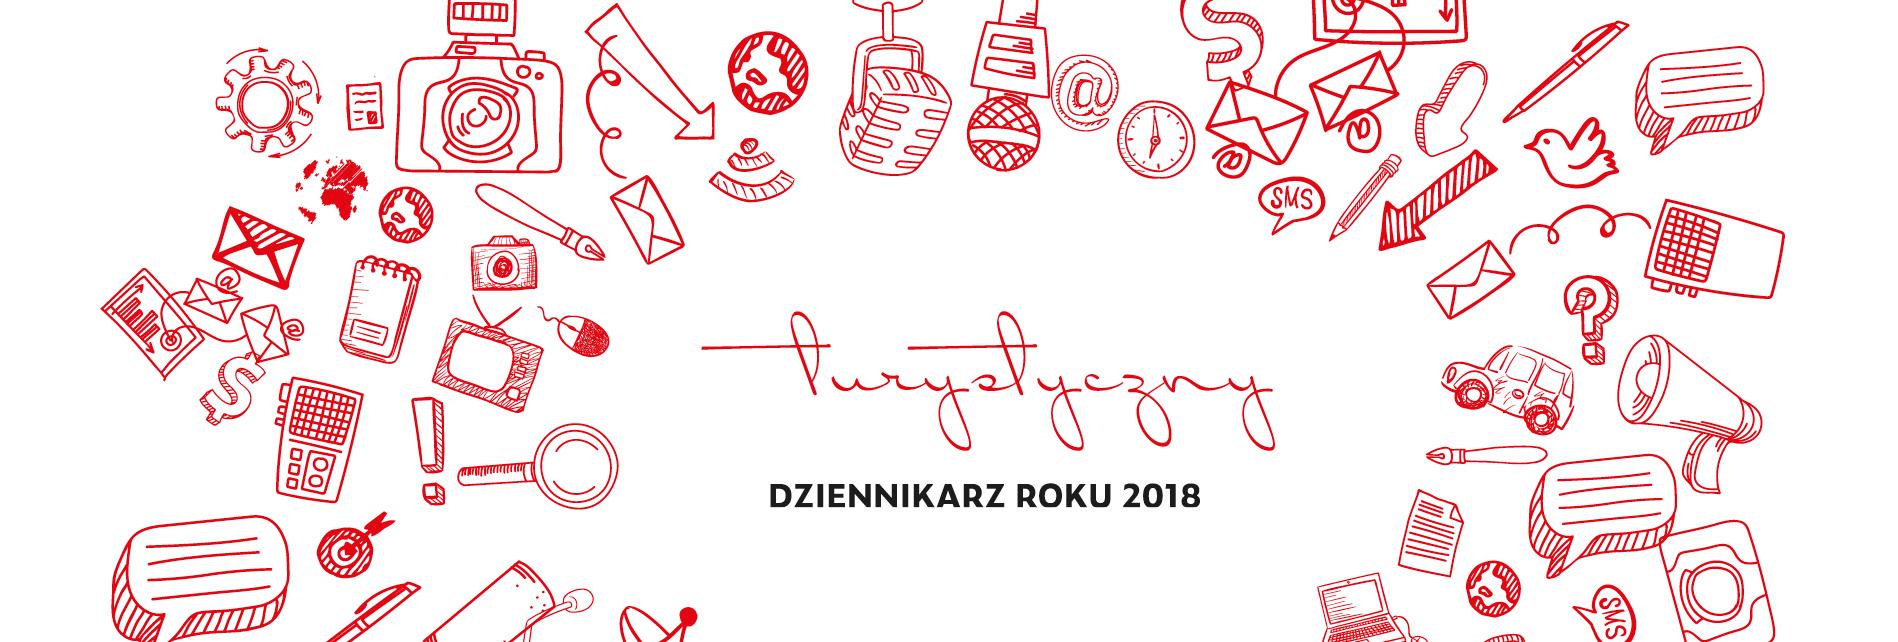 """Turystyka krajowa okiem dziennikarzy – wystartował konkurs pt. """"Turystyczny Dziennikarz Roku 2018"""""""